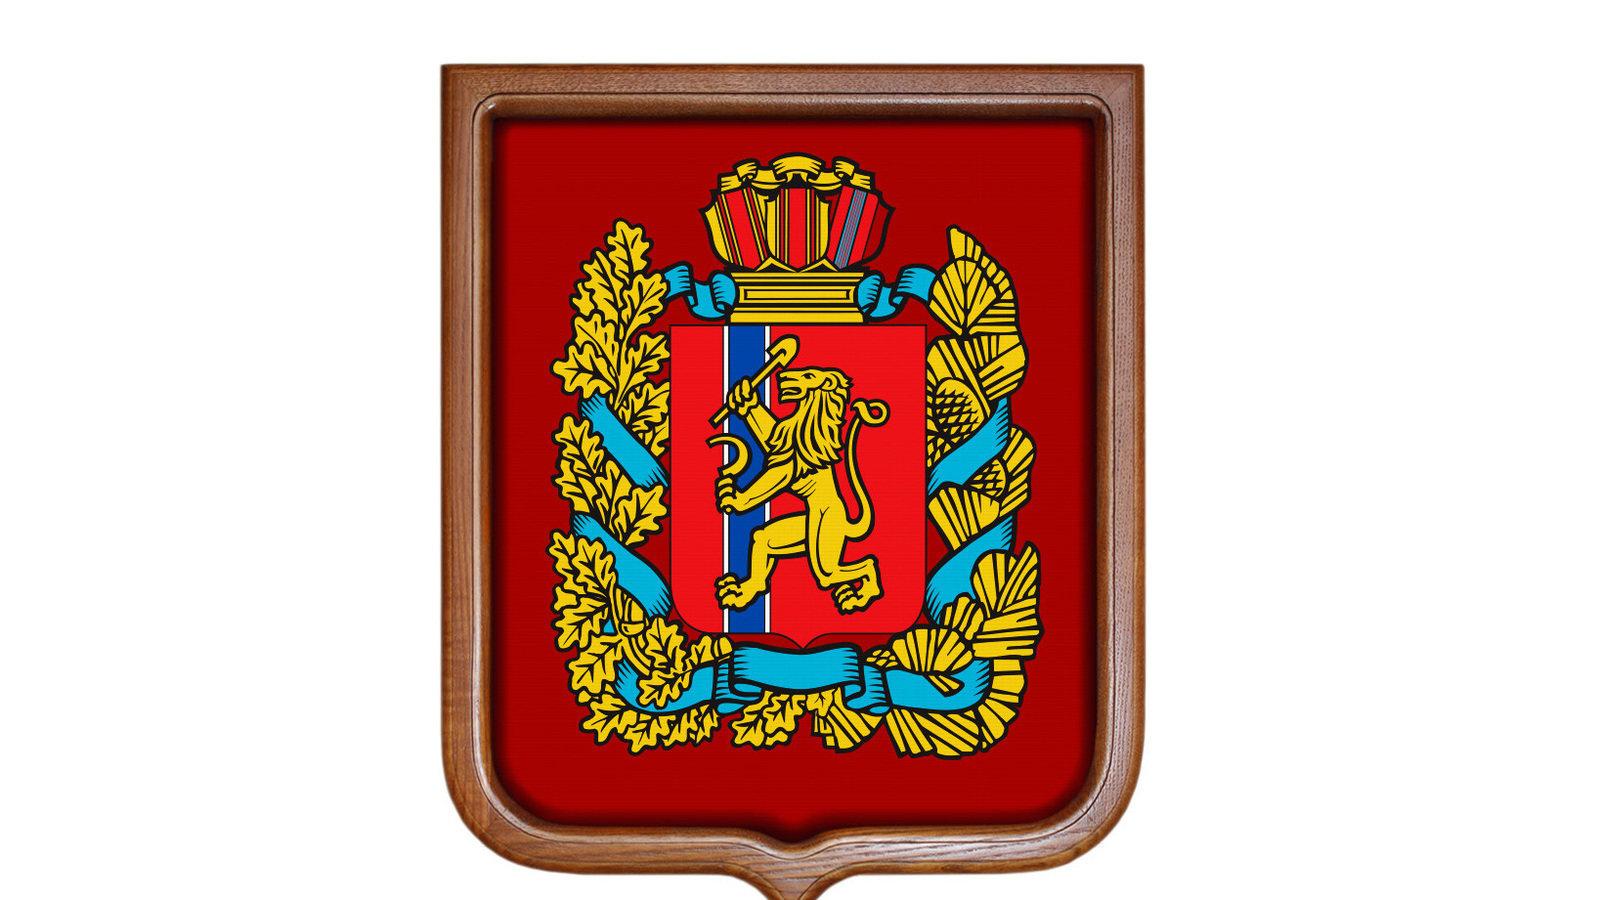 герб красноярского края фото в хорошем качестве рекомендуем ознакомиться